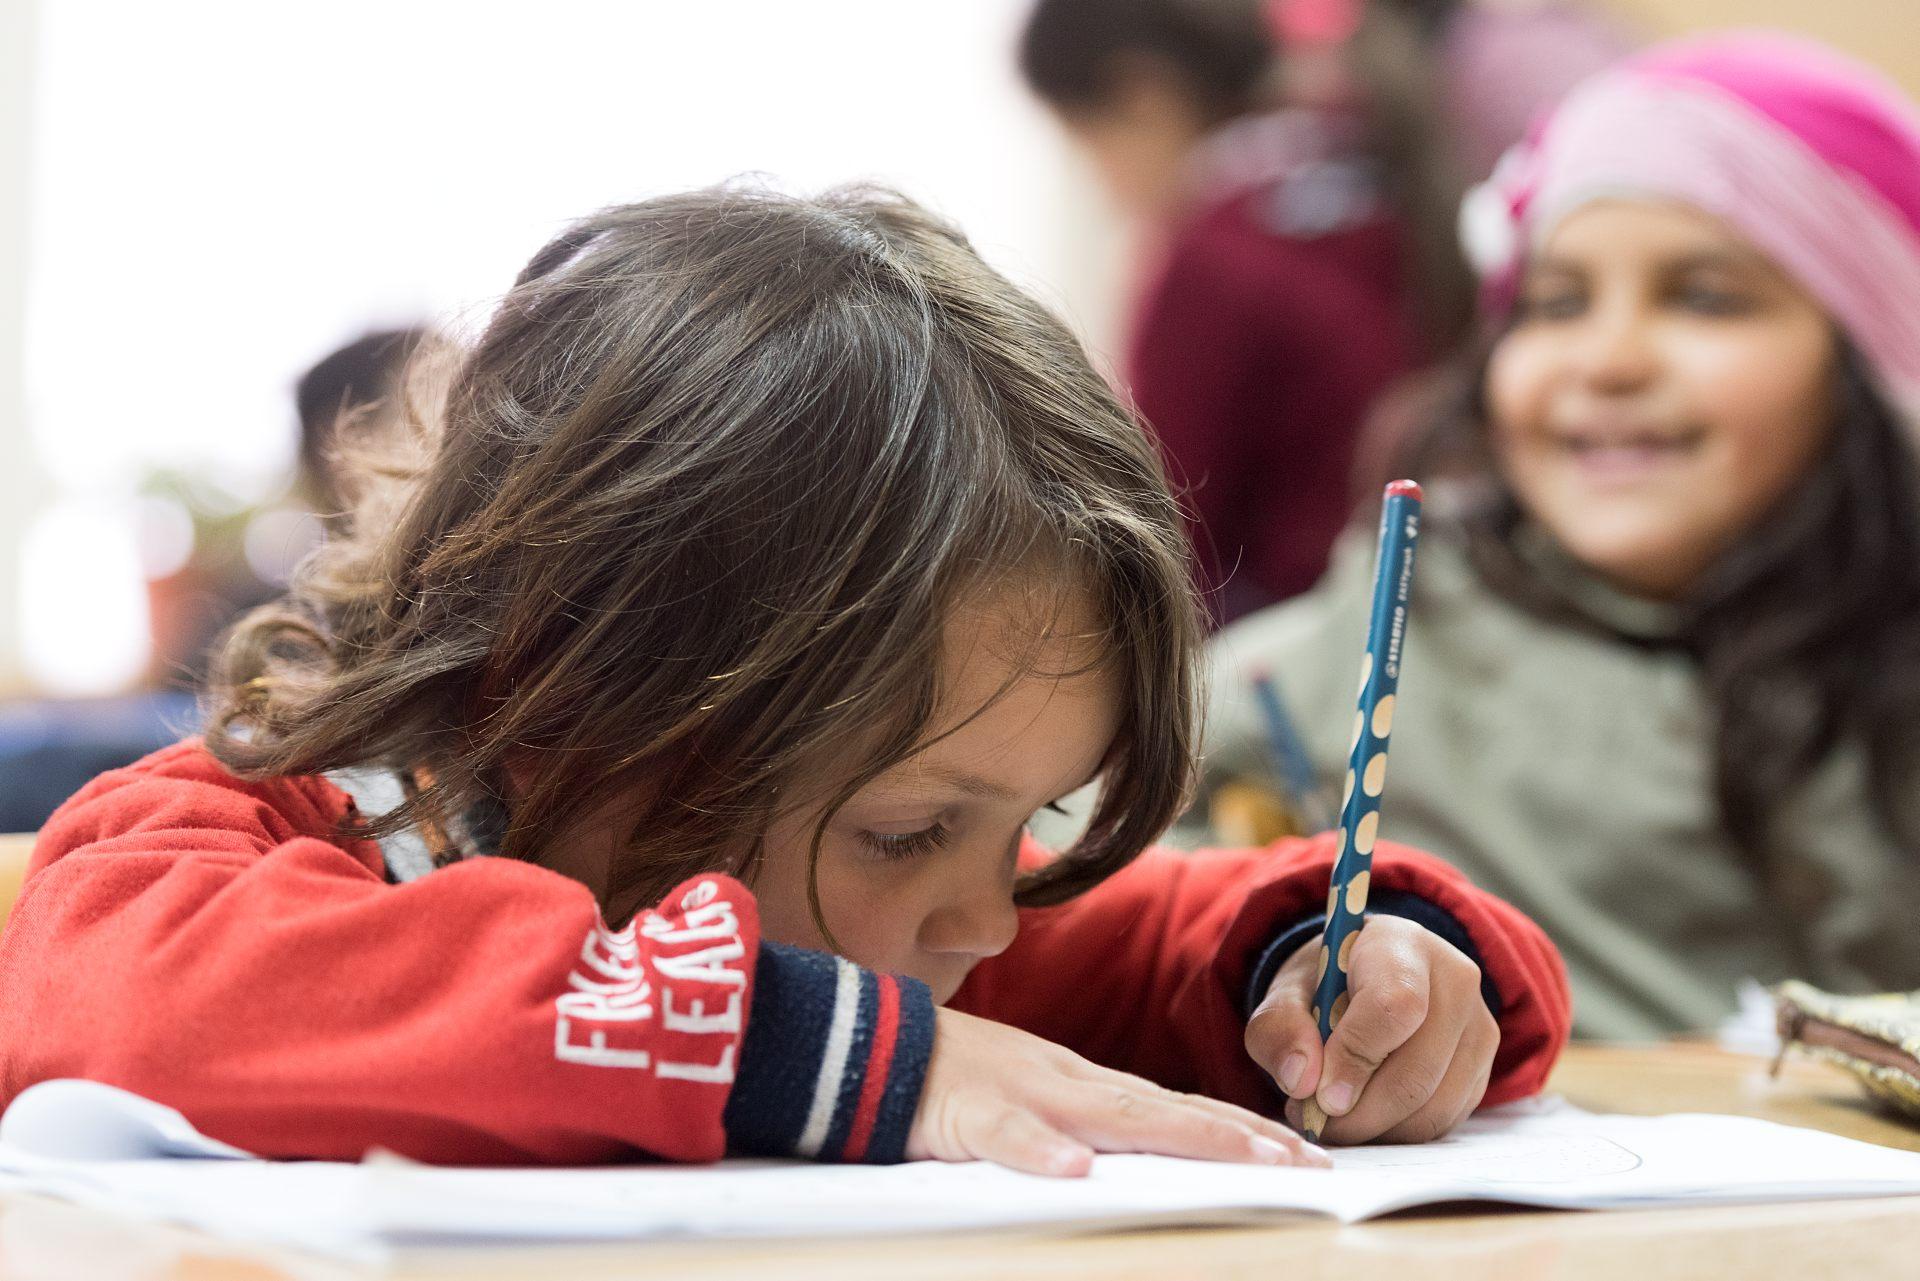 De yngre barnen får börja lektionen med att rita eller färglägga i målarböcker. Det är ofta ett bra sätt att få dem att fokusera. Foto: Gustaf Hellsing/IKON